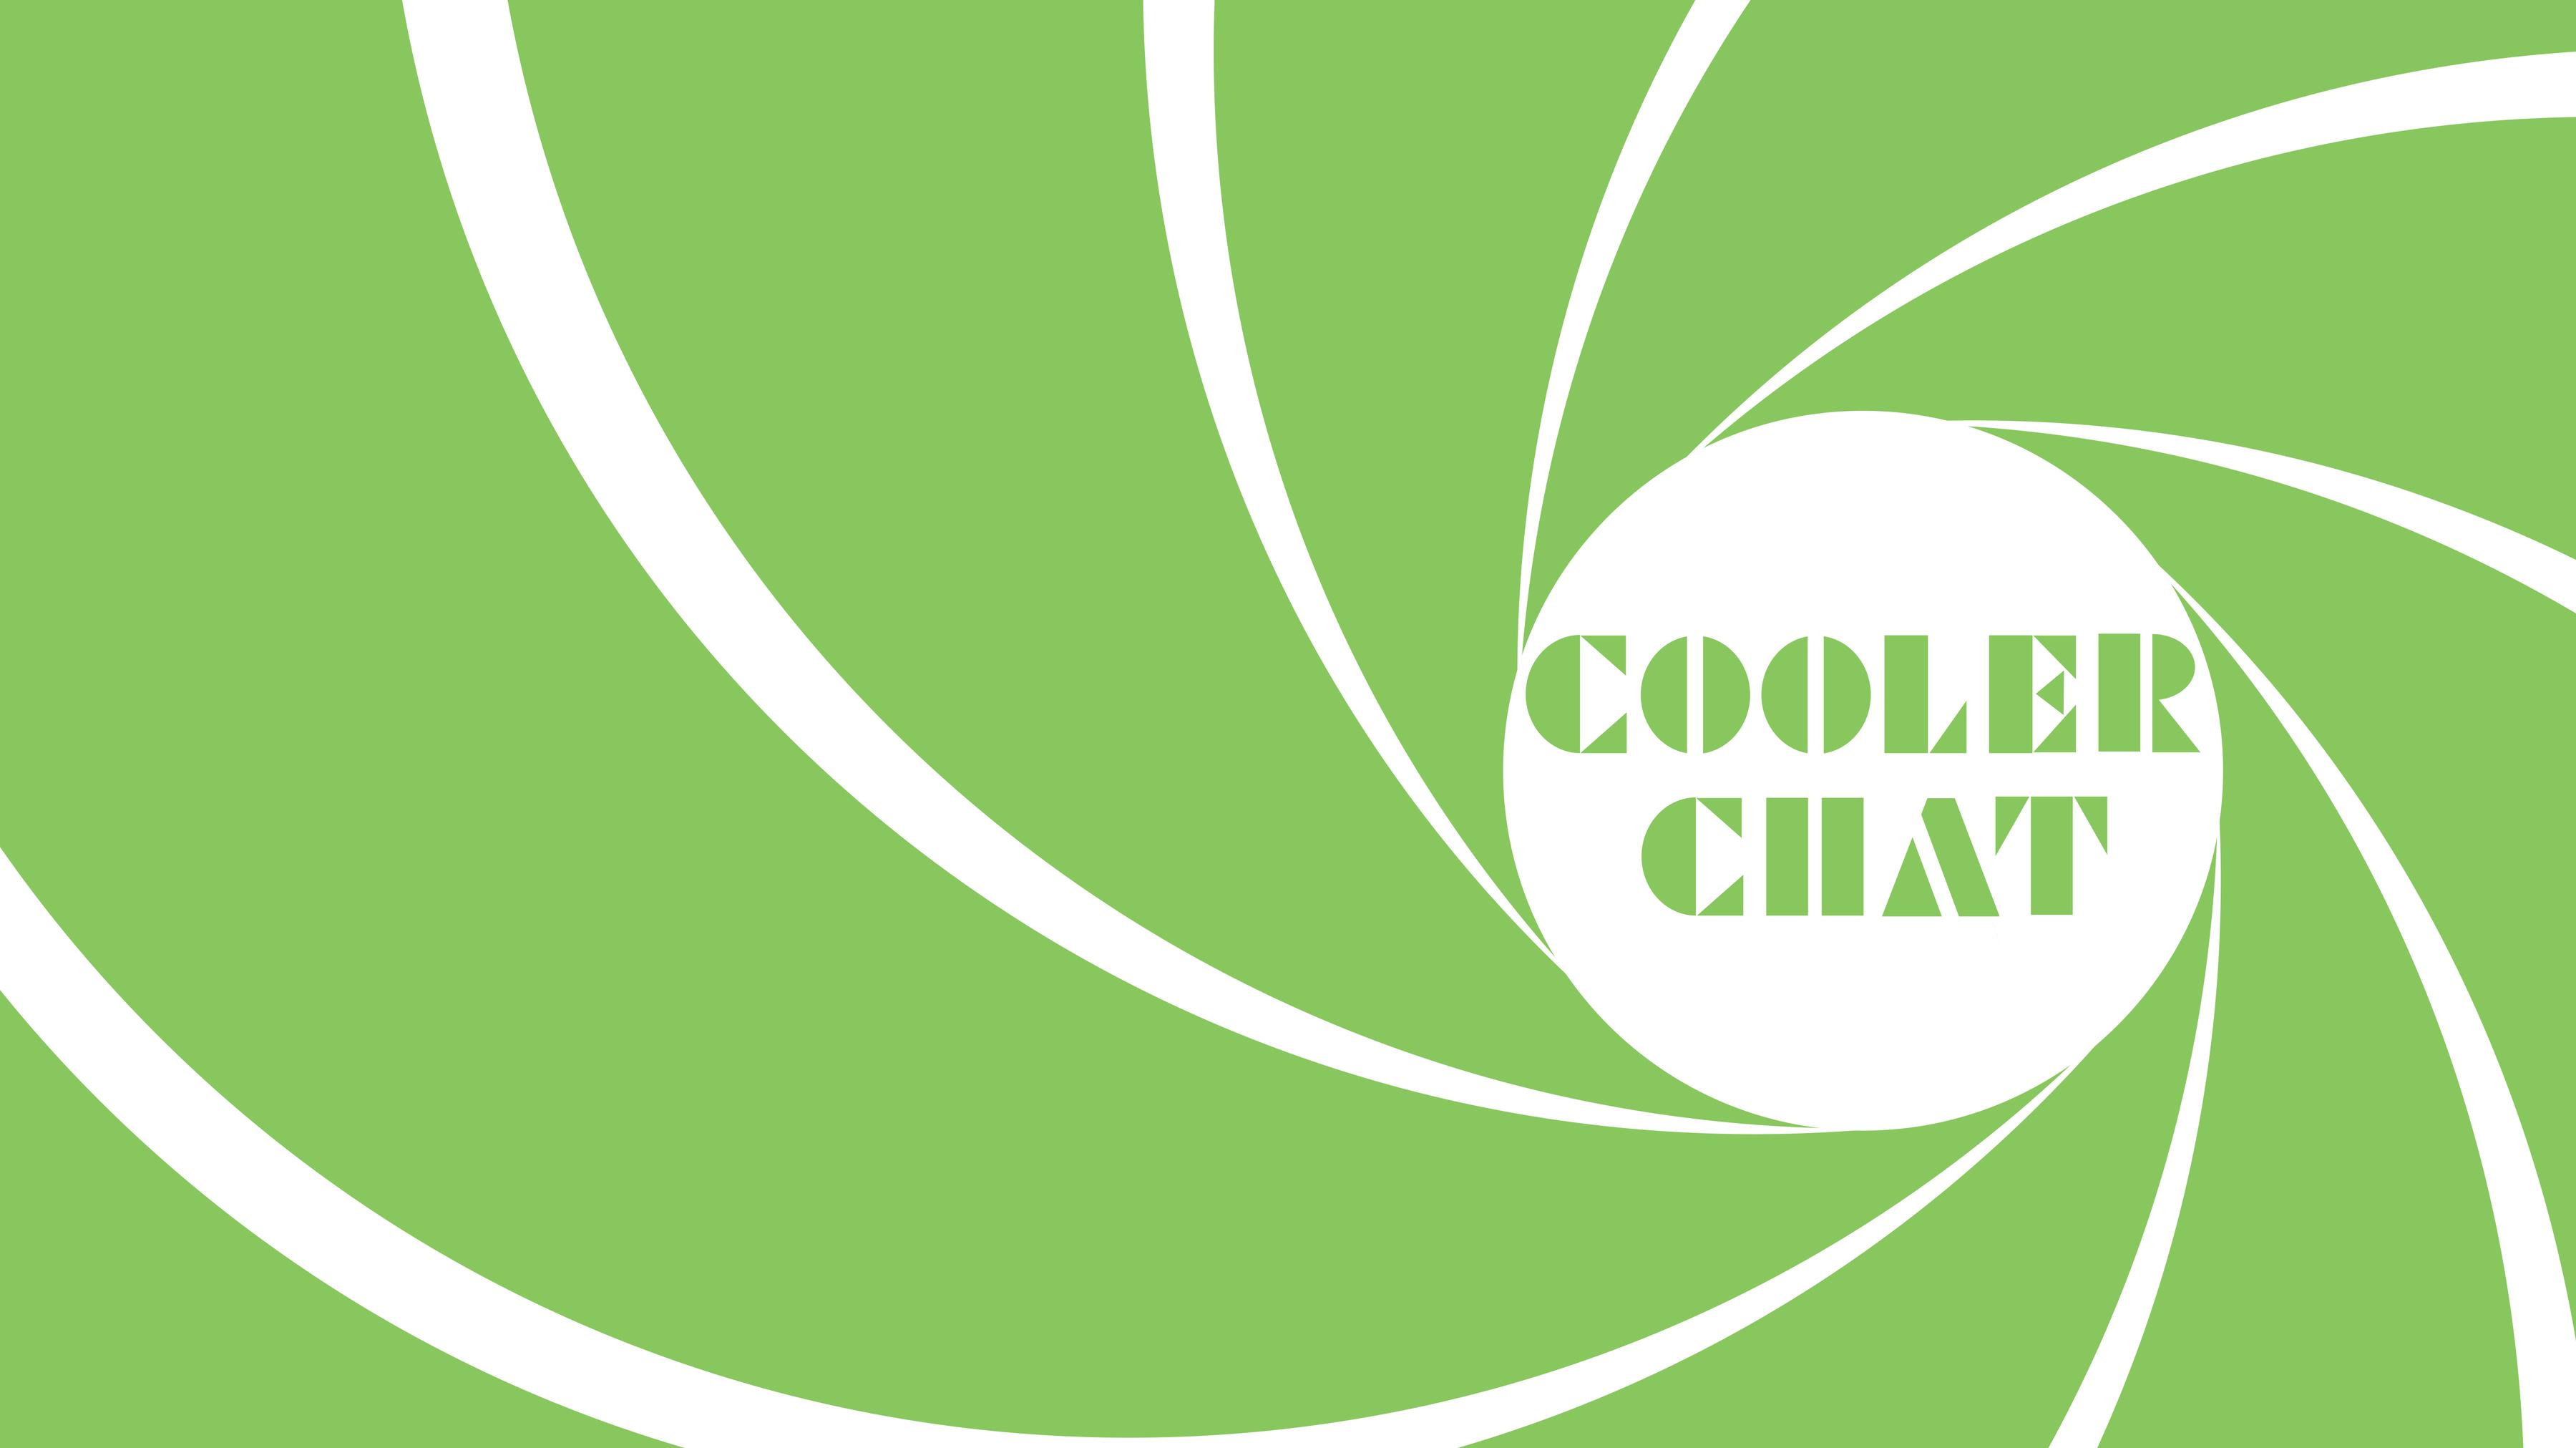 #coolerchat007cine.jpg